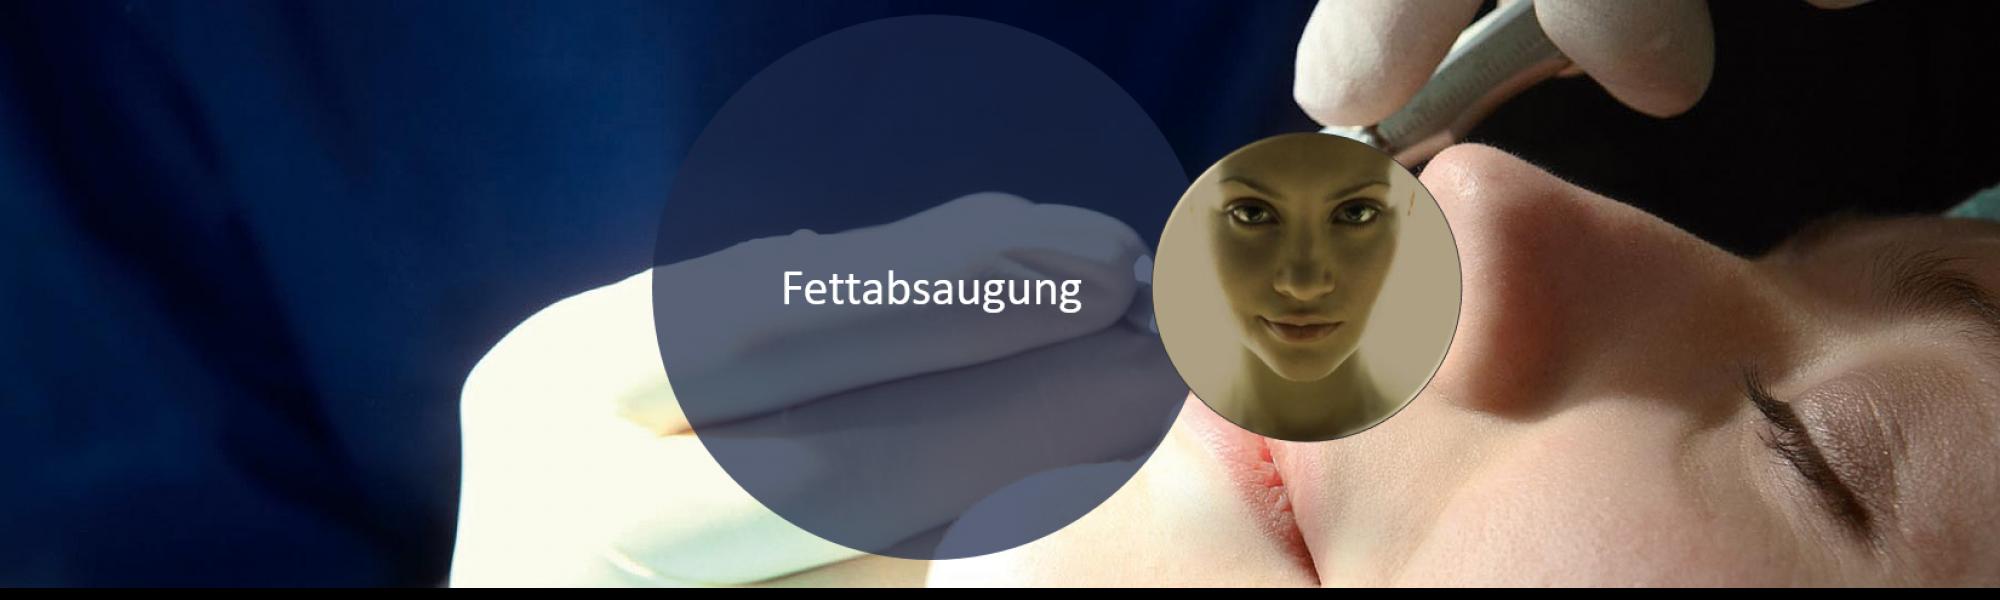 Ästhetische Gesichtschirurgie Fettabsaugung bei Groisman Laube